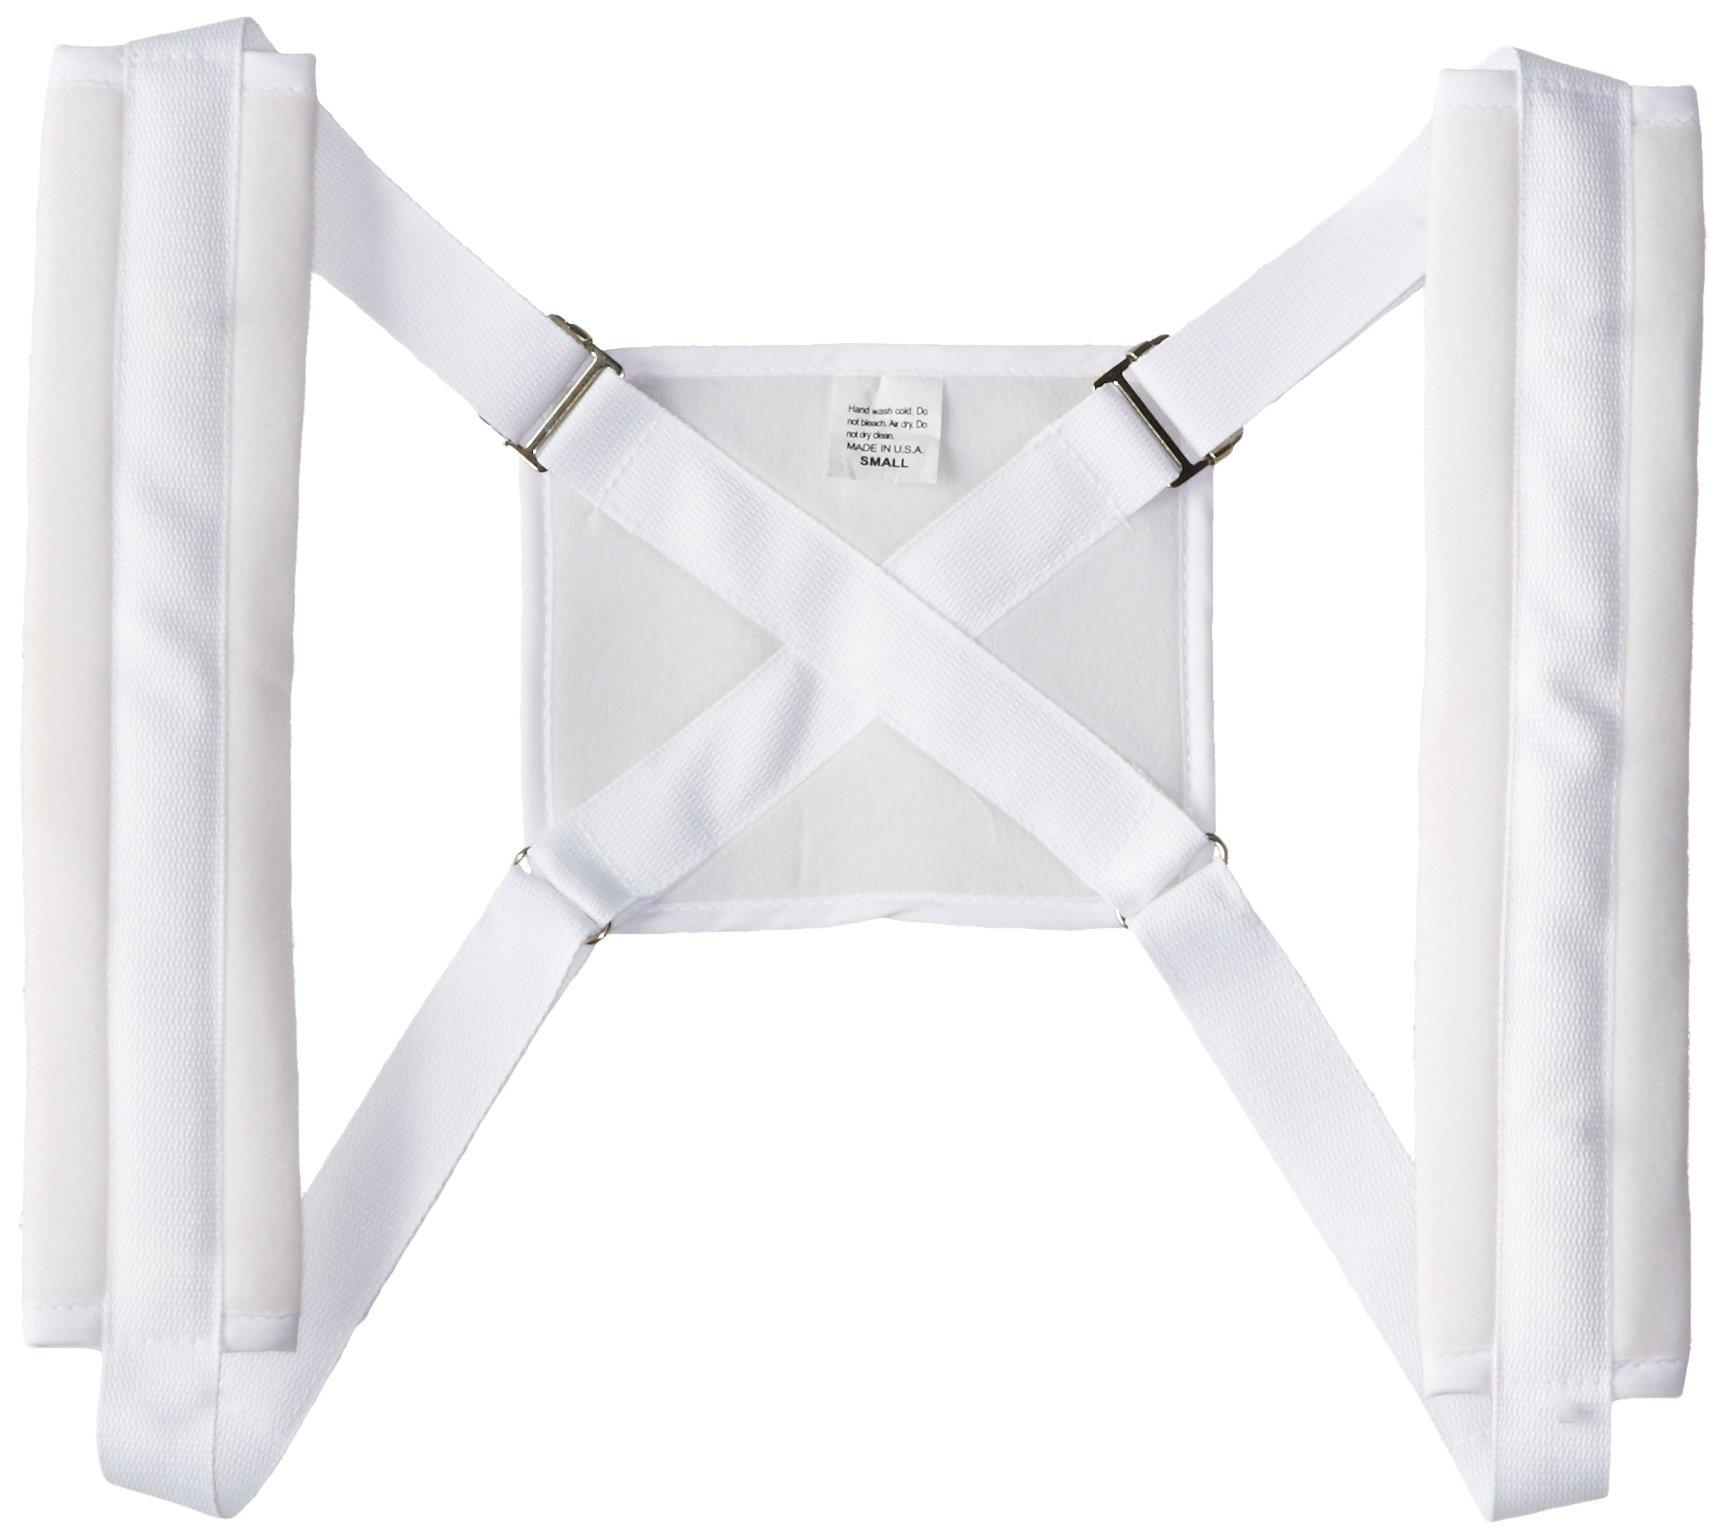 Bilt-Rite Mastex Health Clavicle Support, White, Small